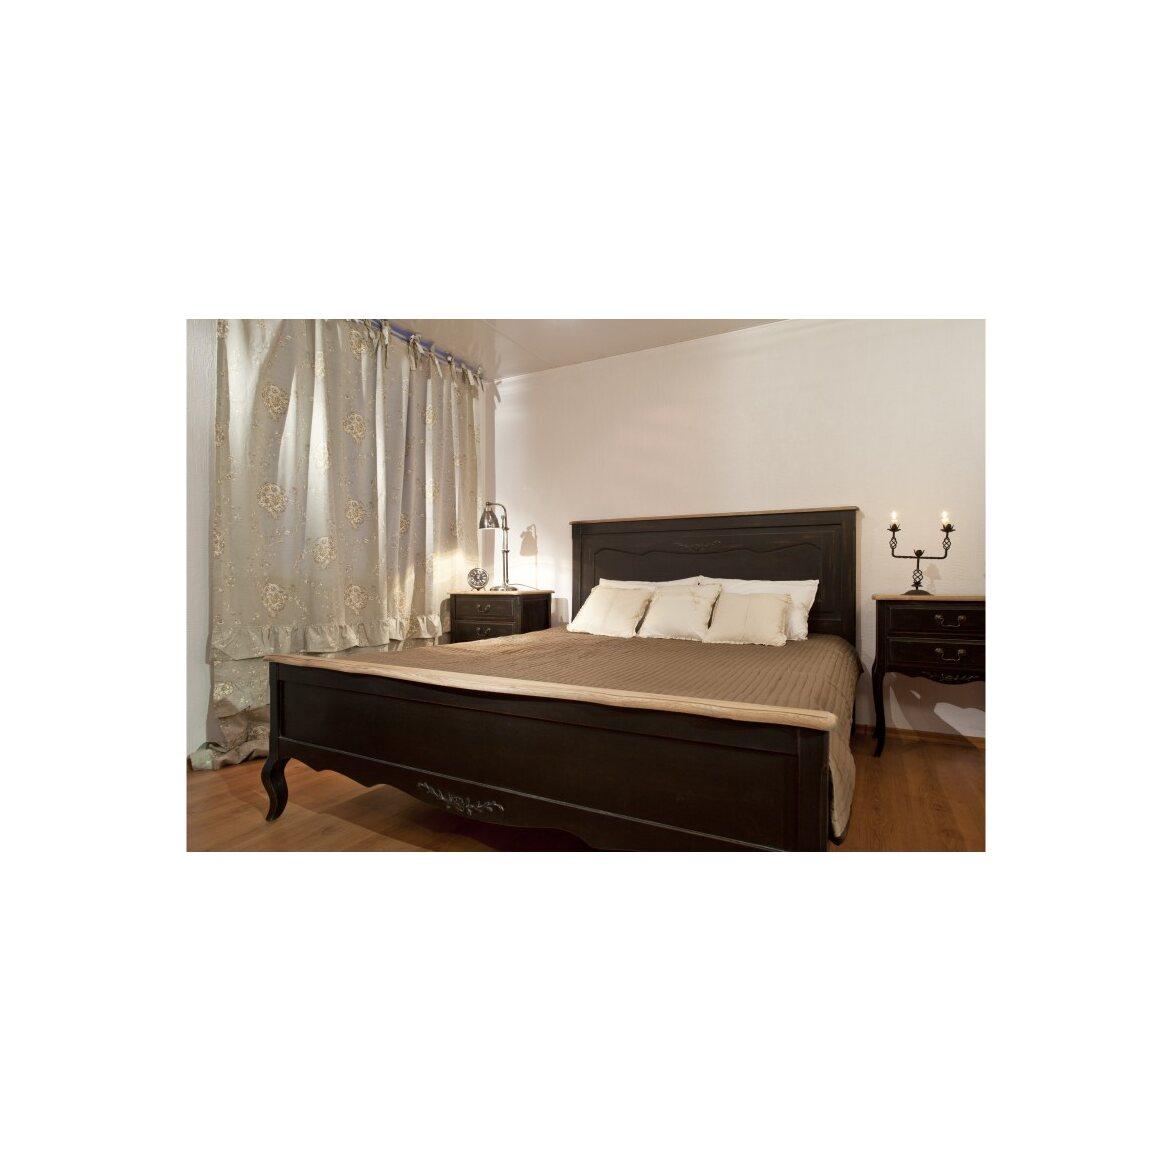 Кровать деревянная 180х200 Leontina, черного цвета 2 | Двуспальные кровати Kingsby